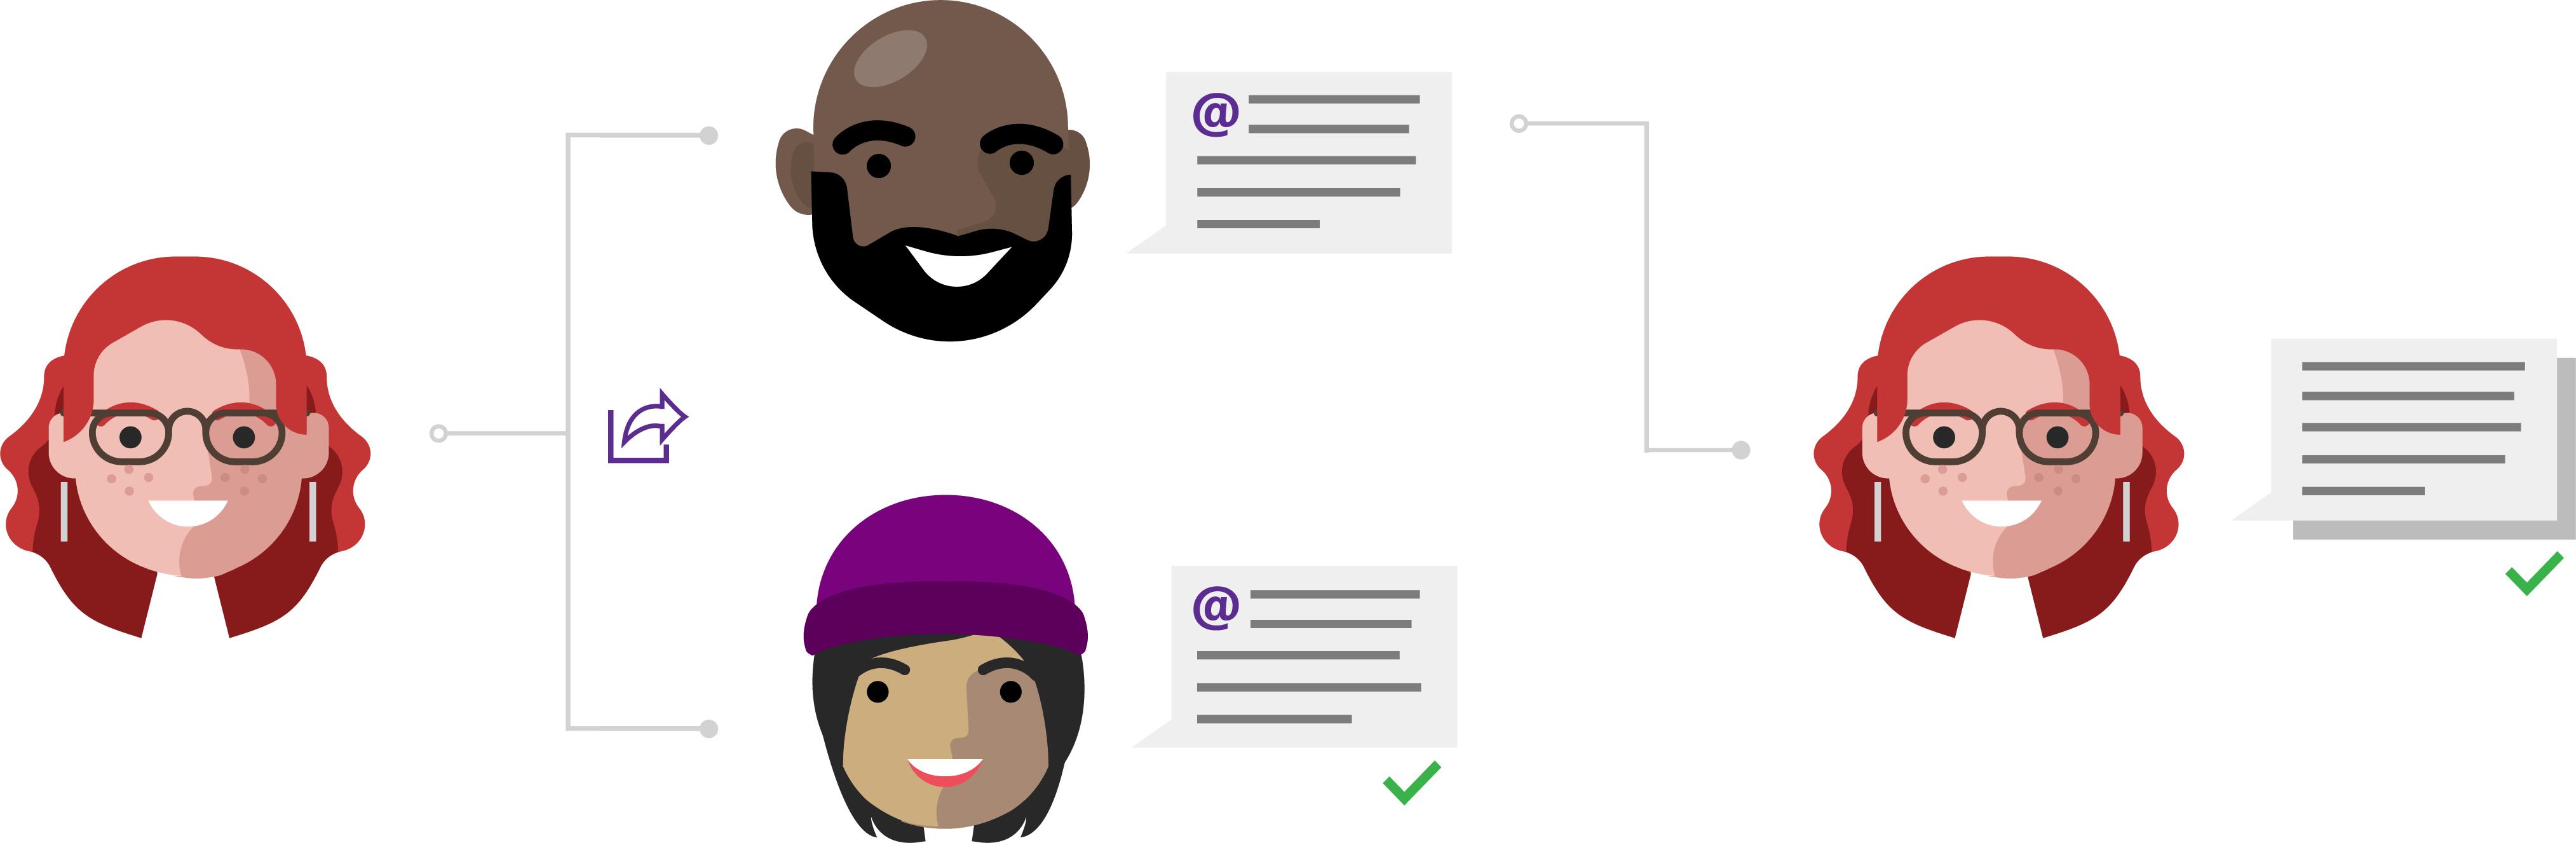 Lugege teemat kommentaaridega koostöö tegemise kohta!